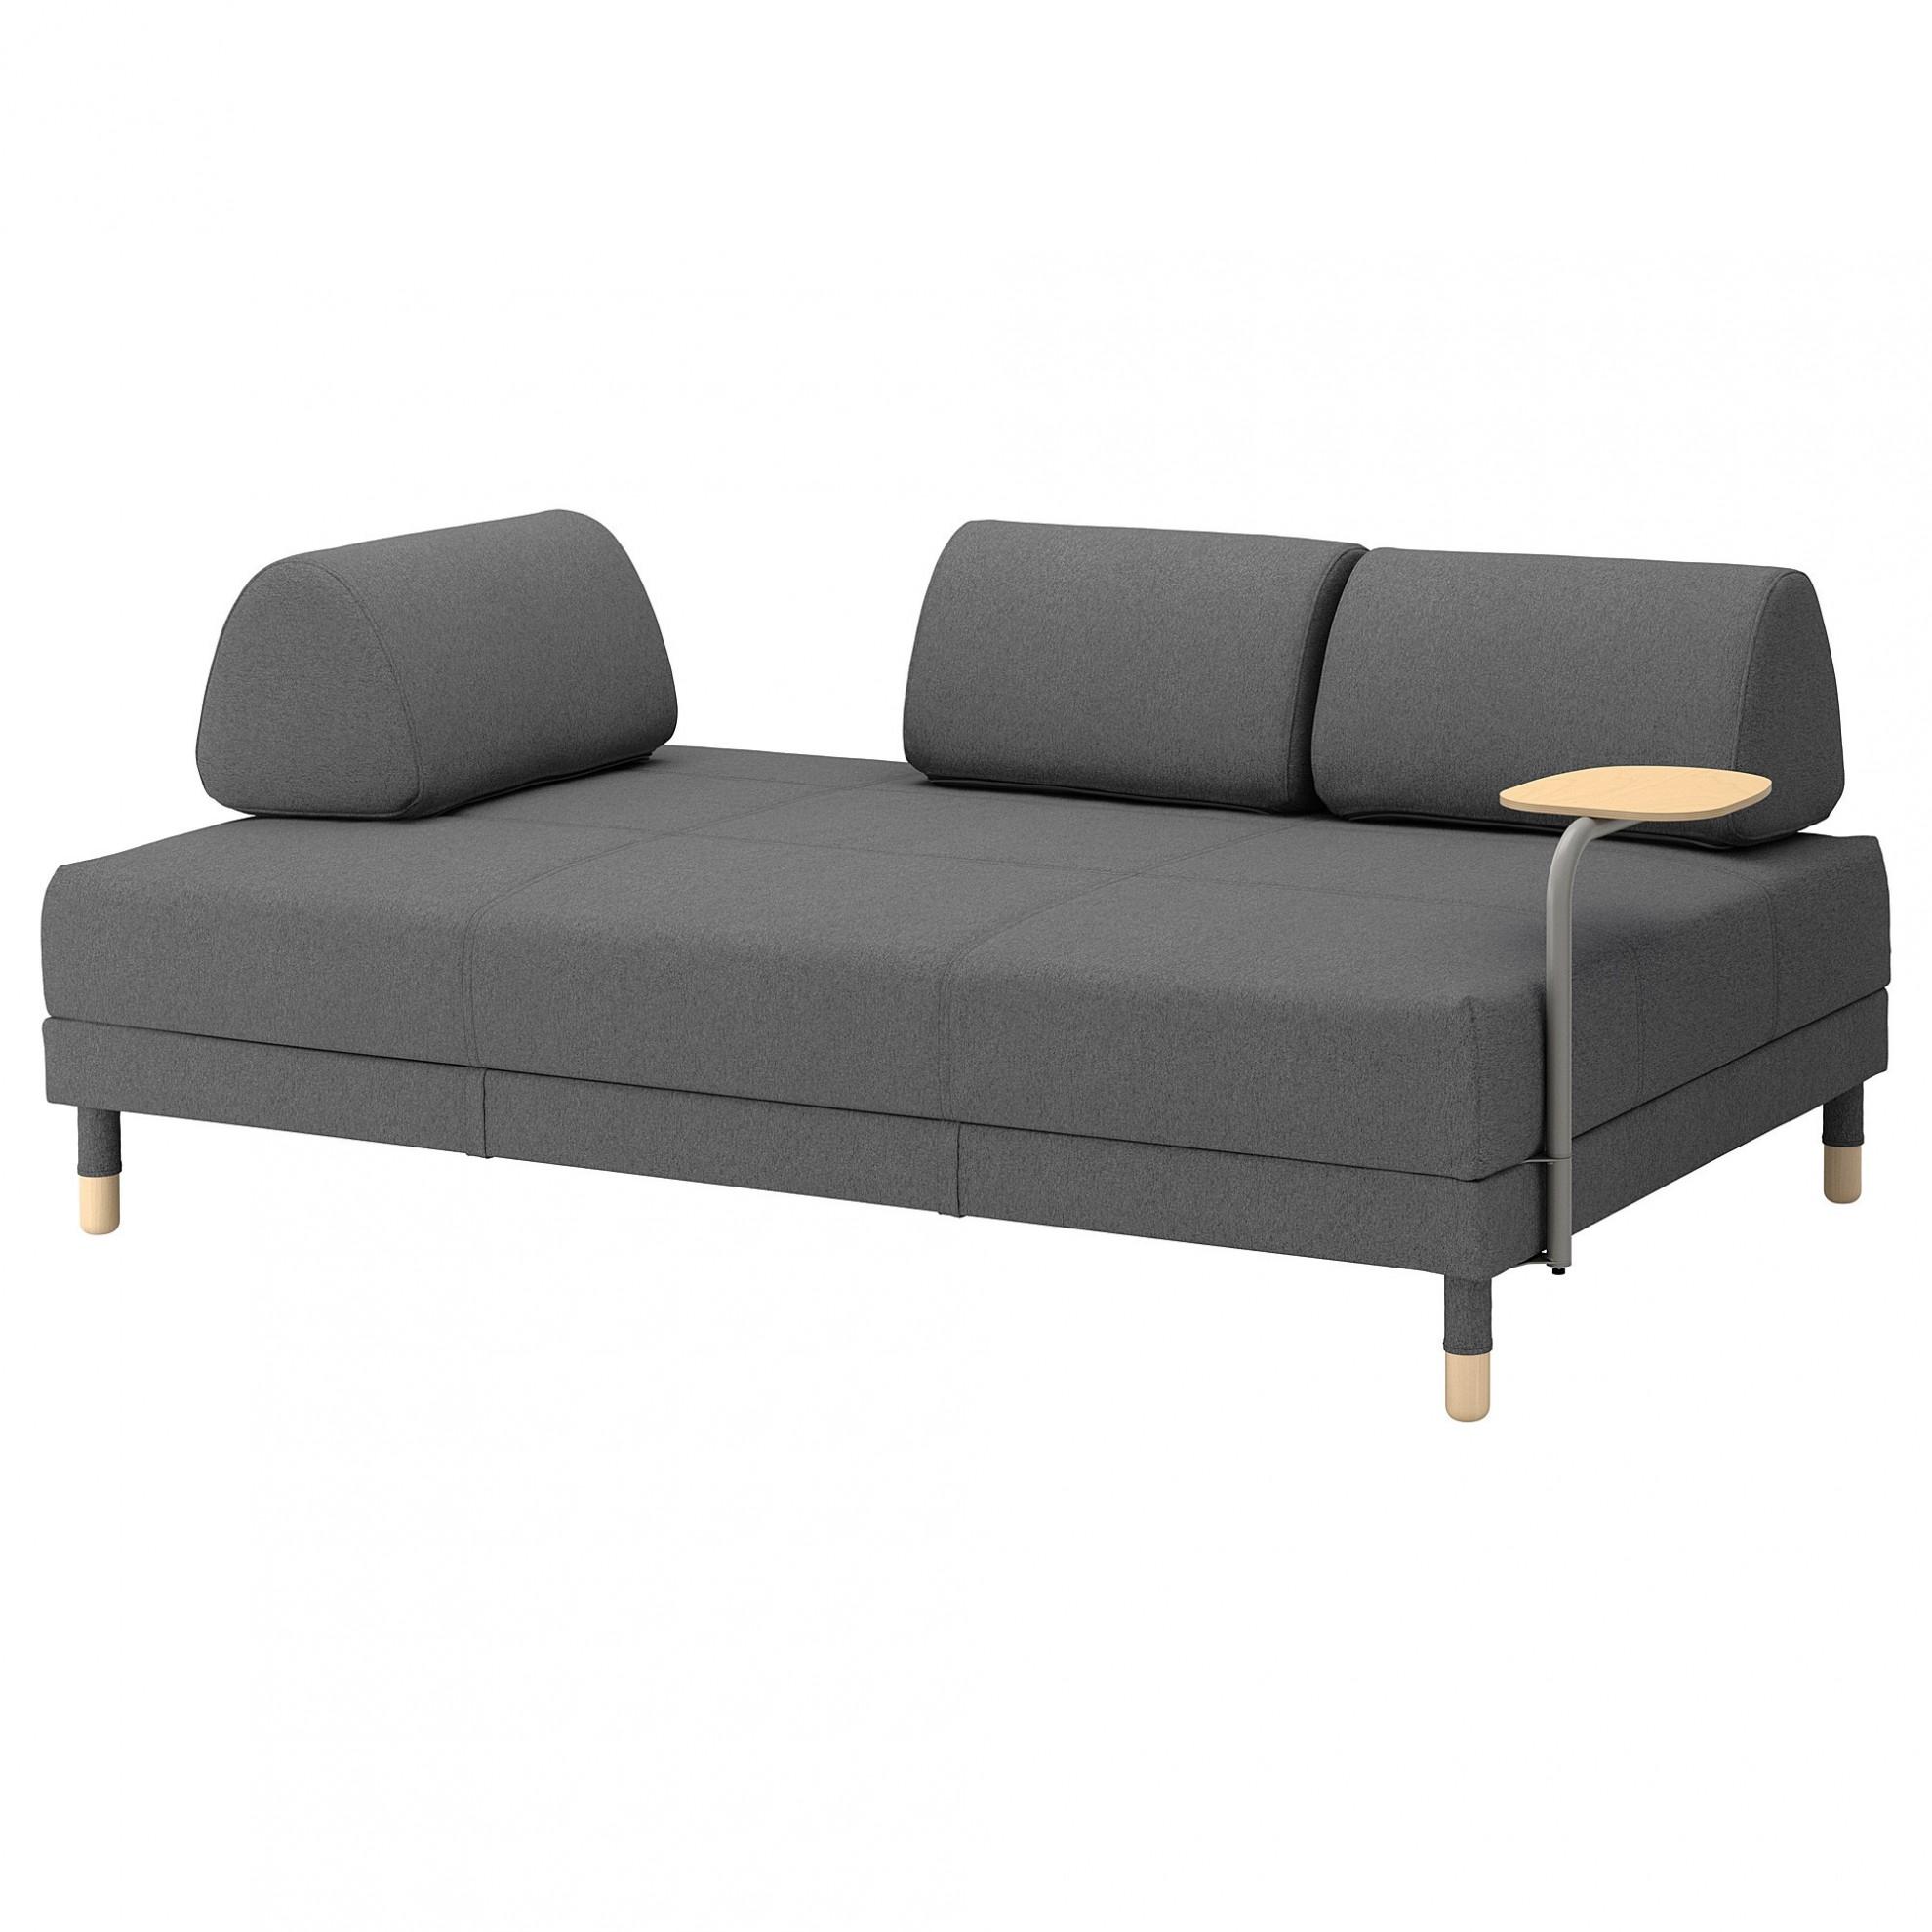 Ikea Canapé 2 Places Convertible Meilleur De Photos Lesmeubles Housse De Canapé Bz Lesmeubles